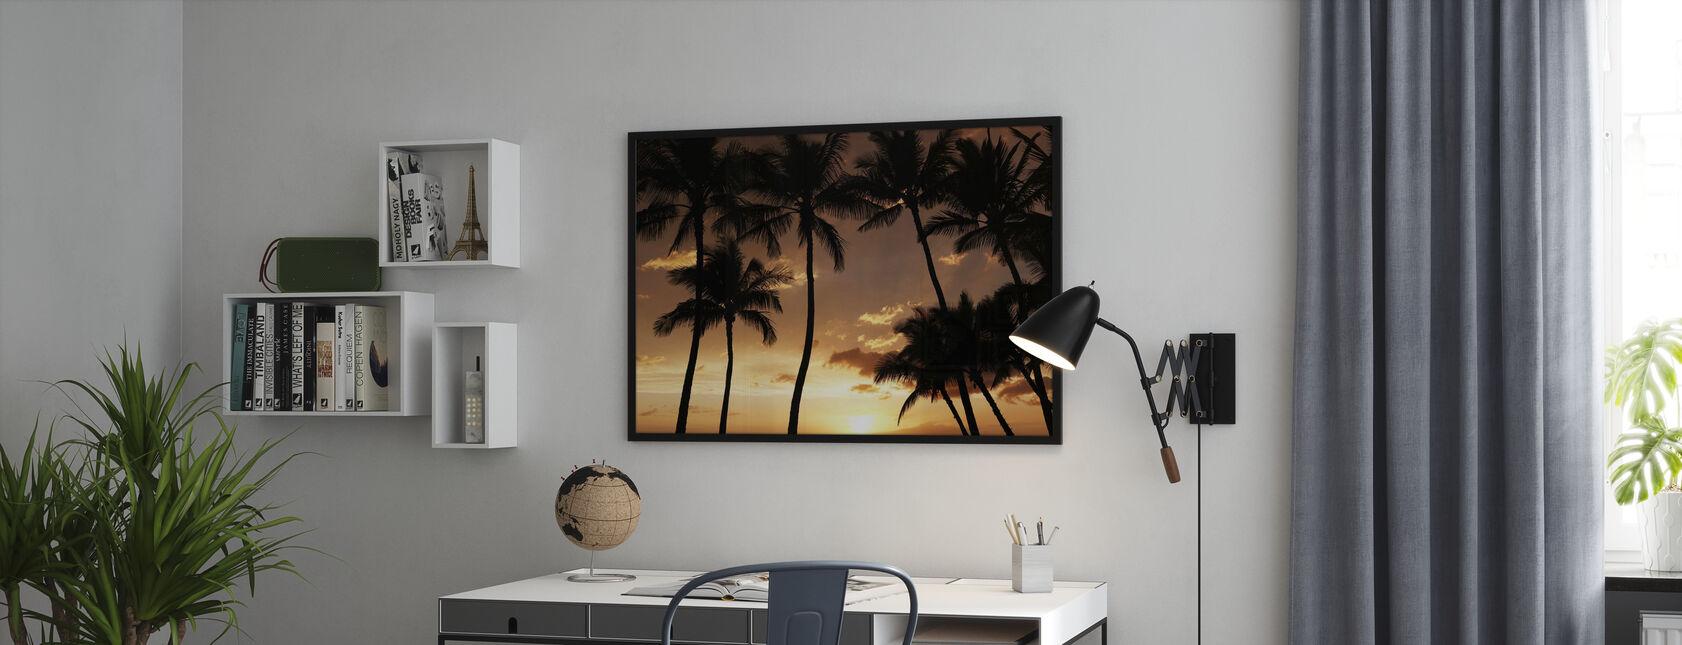 Havaiji Sunset - Juliste - Toimisto